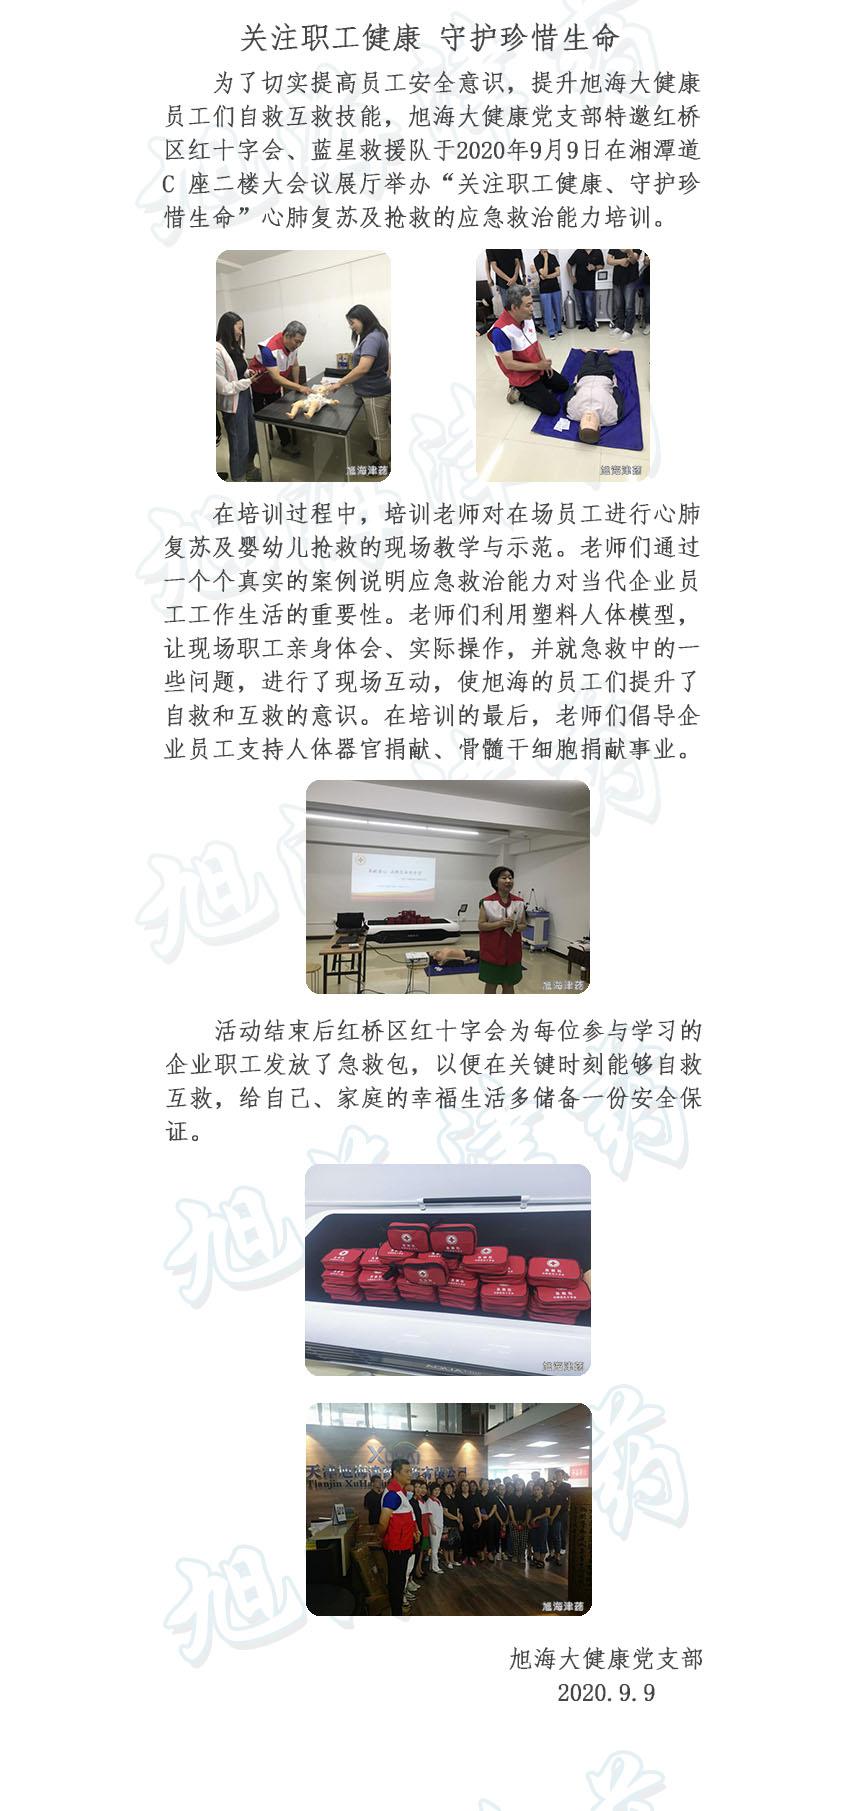 热博体育投注中心水印模板.jpg